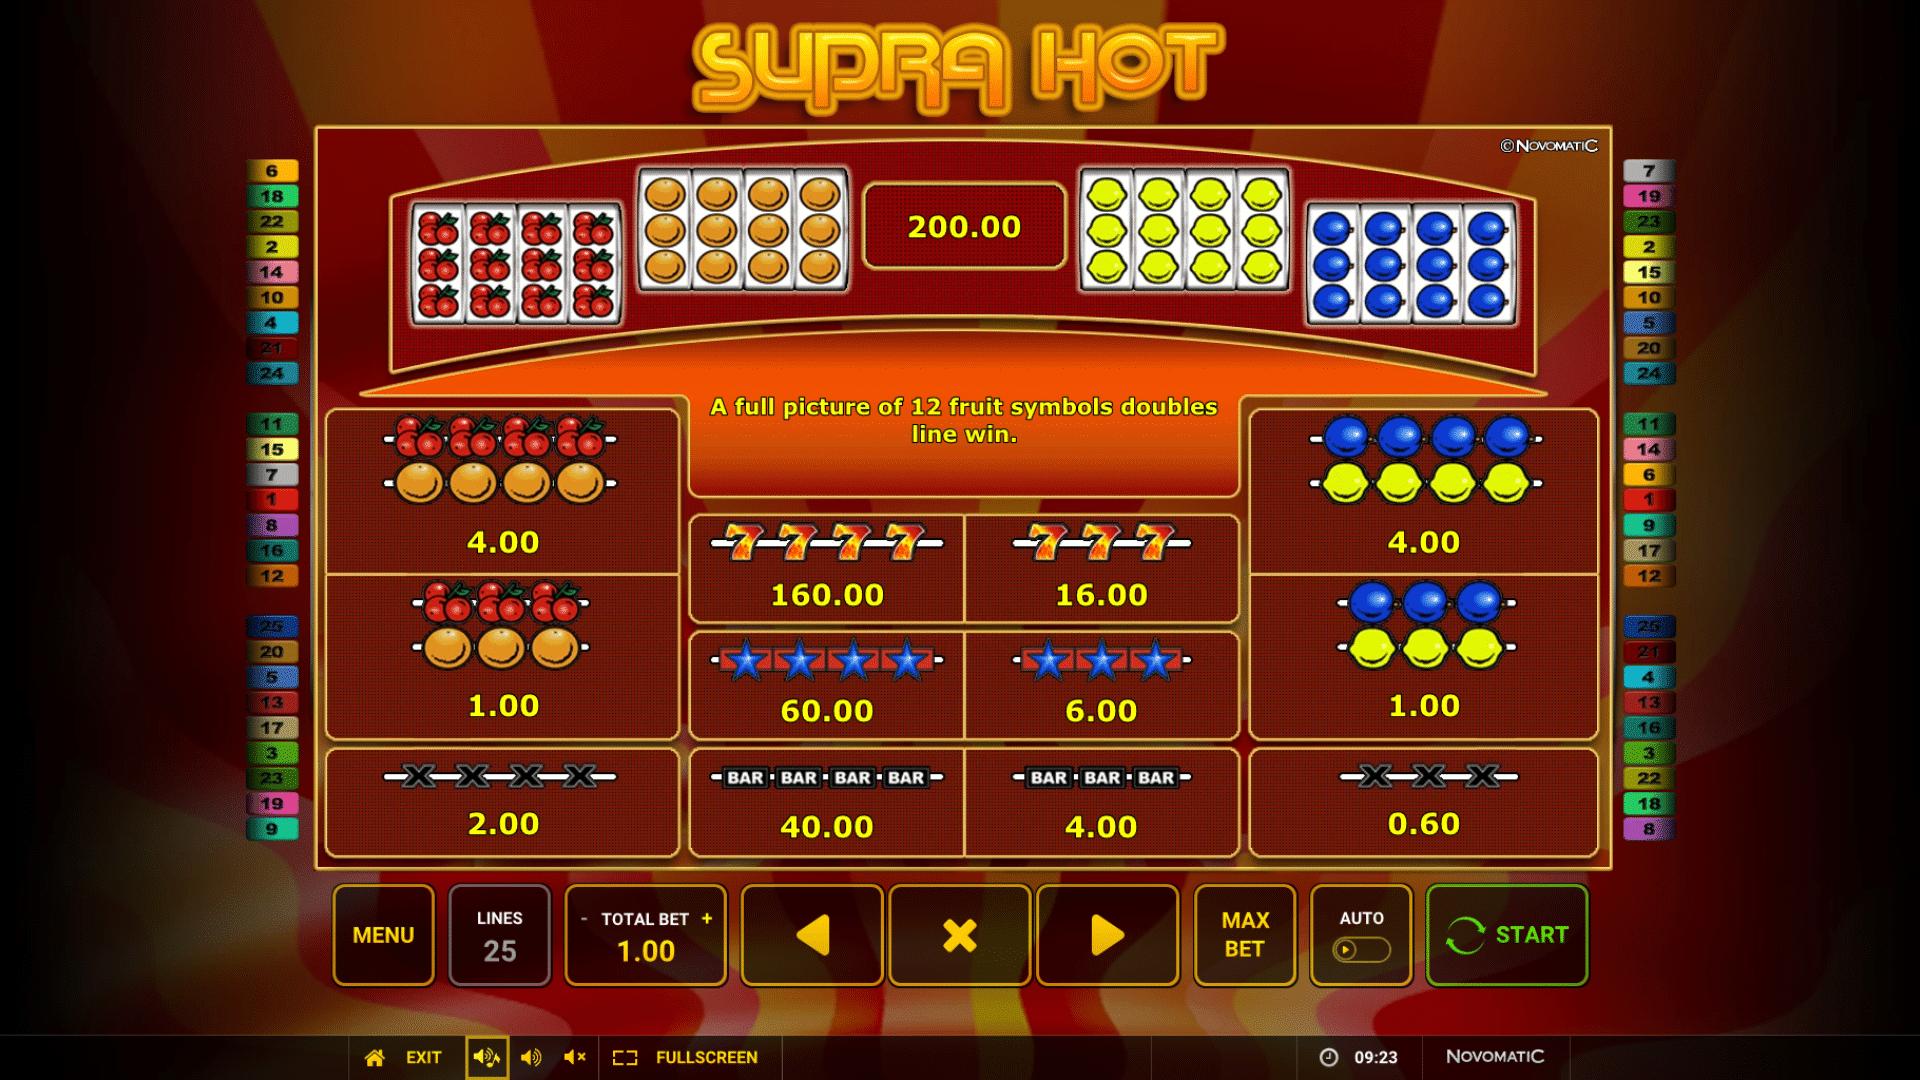 Tabella Pagamenti della Slot gratis Supra Hot